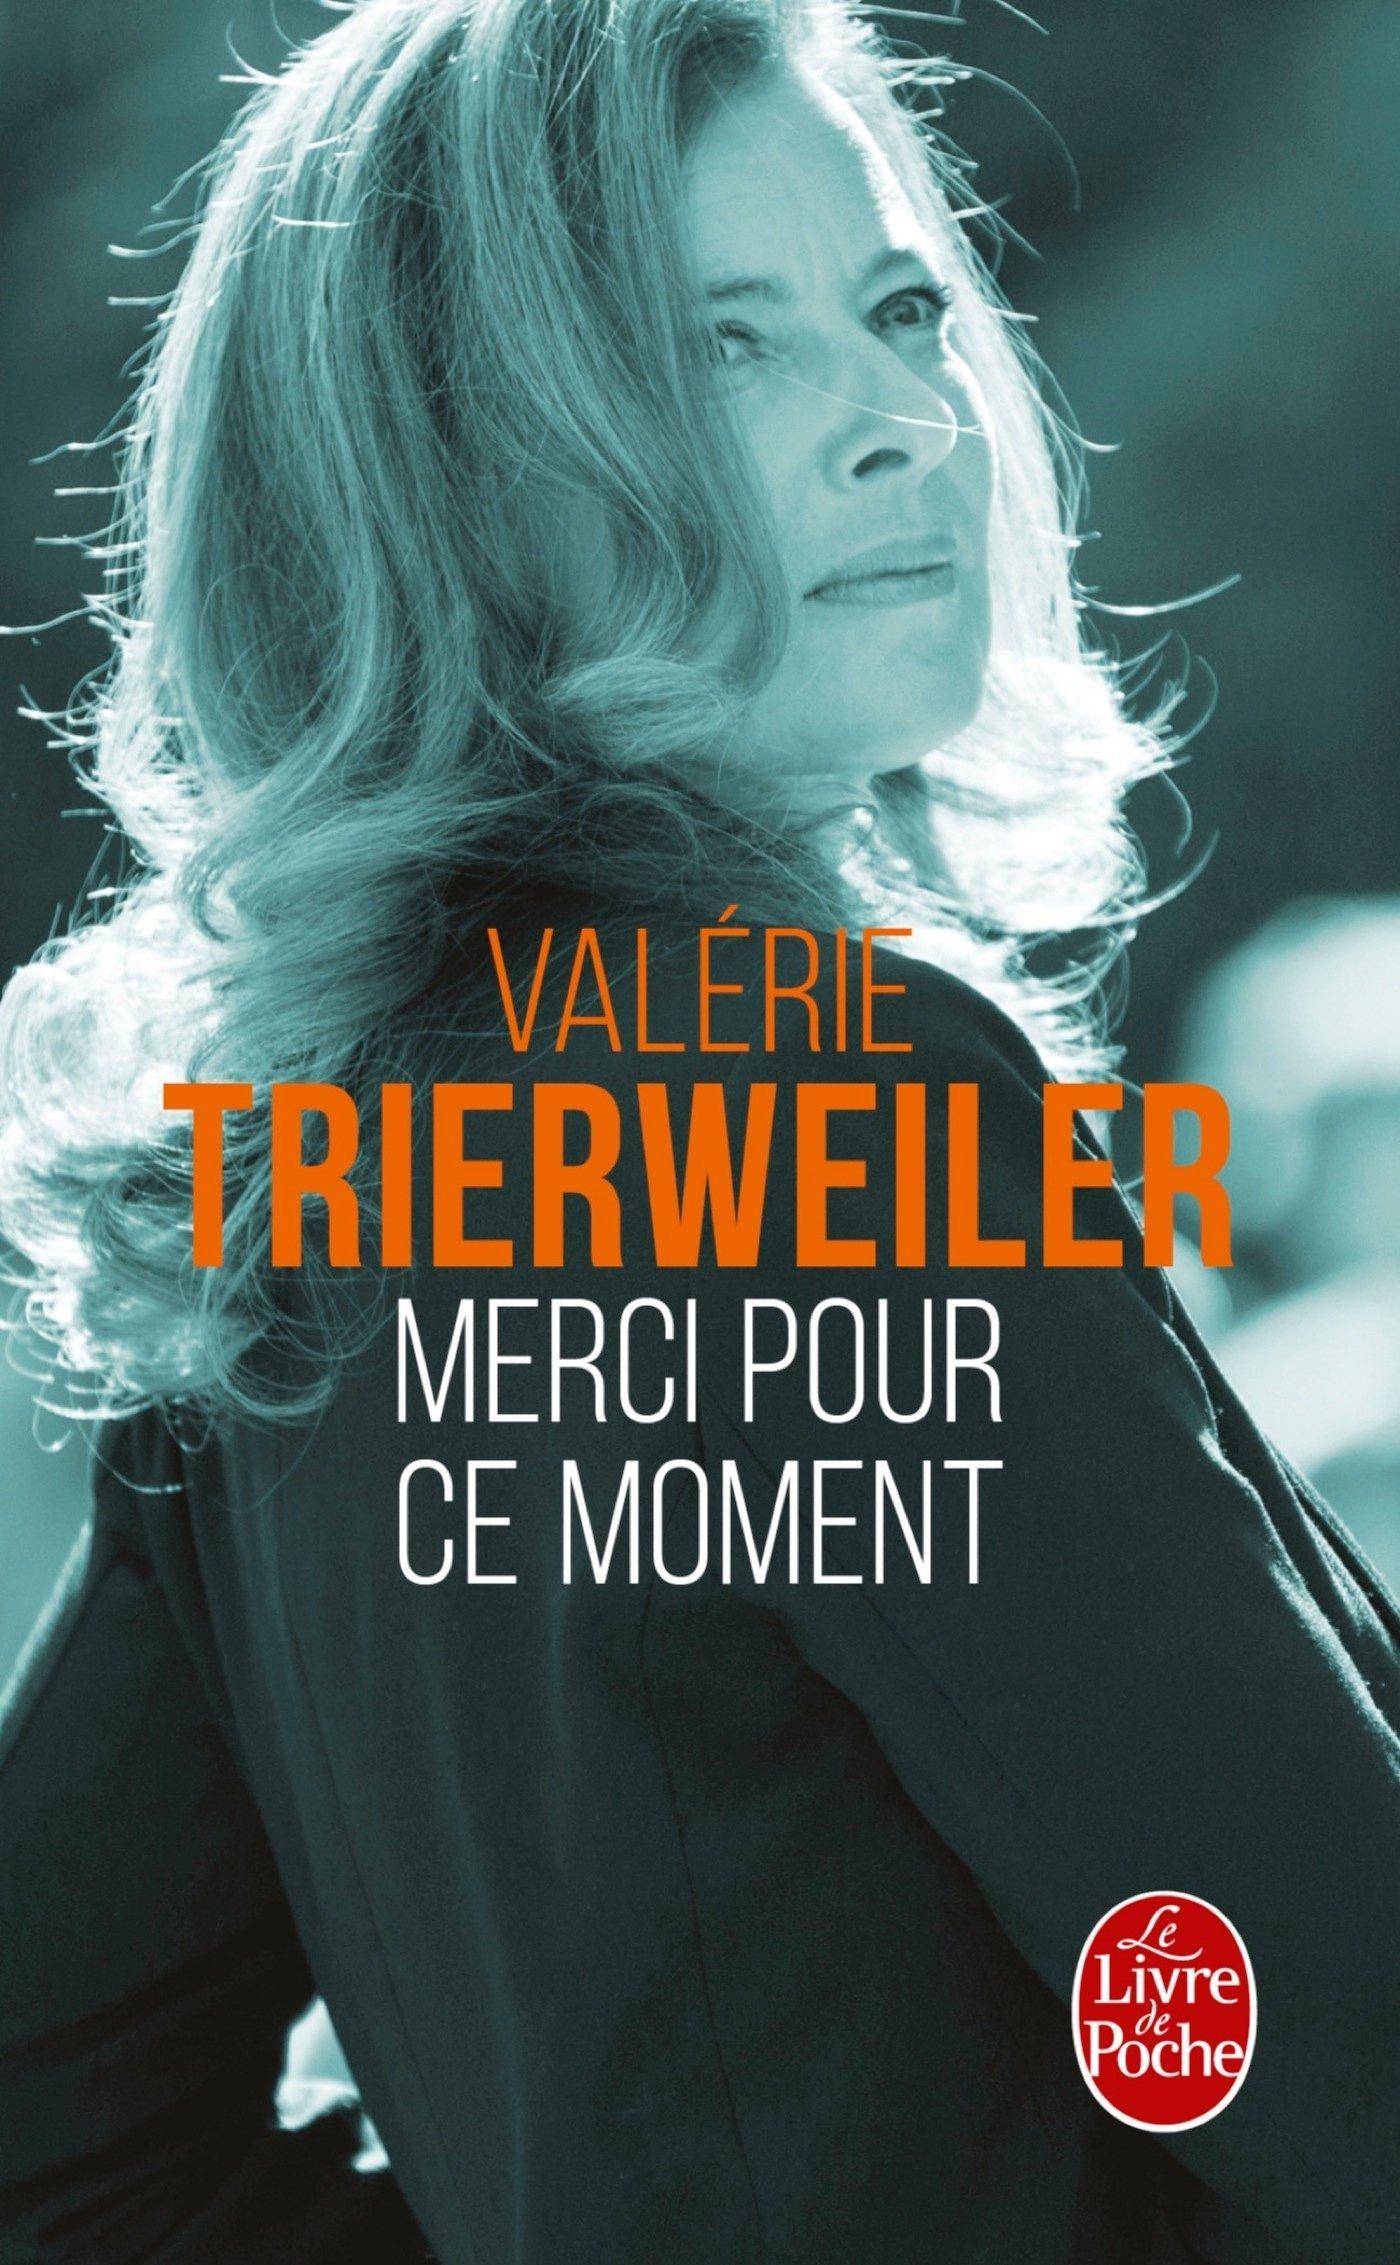 """Valérie Trieweiler tacle encore François Hollande... et c'est violent : """"Il n'a vraiment rien à foutre"""""""